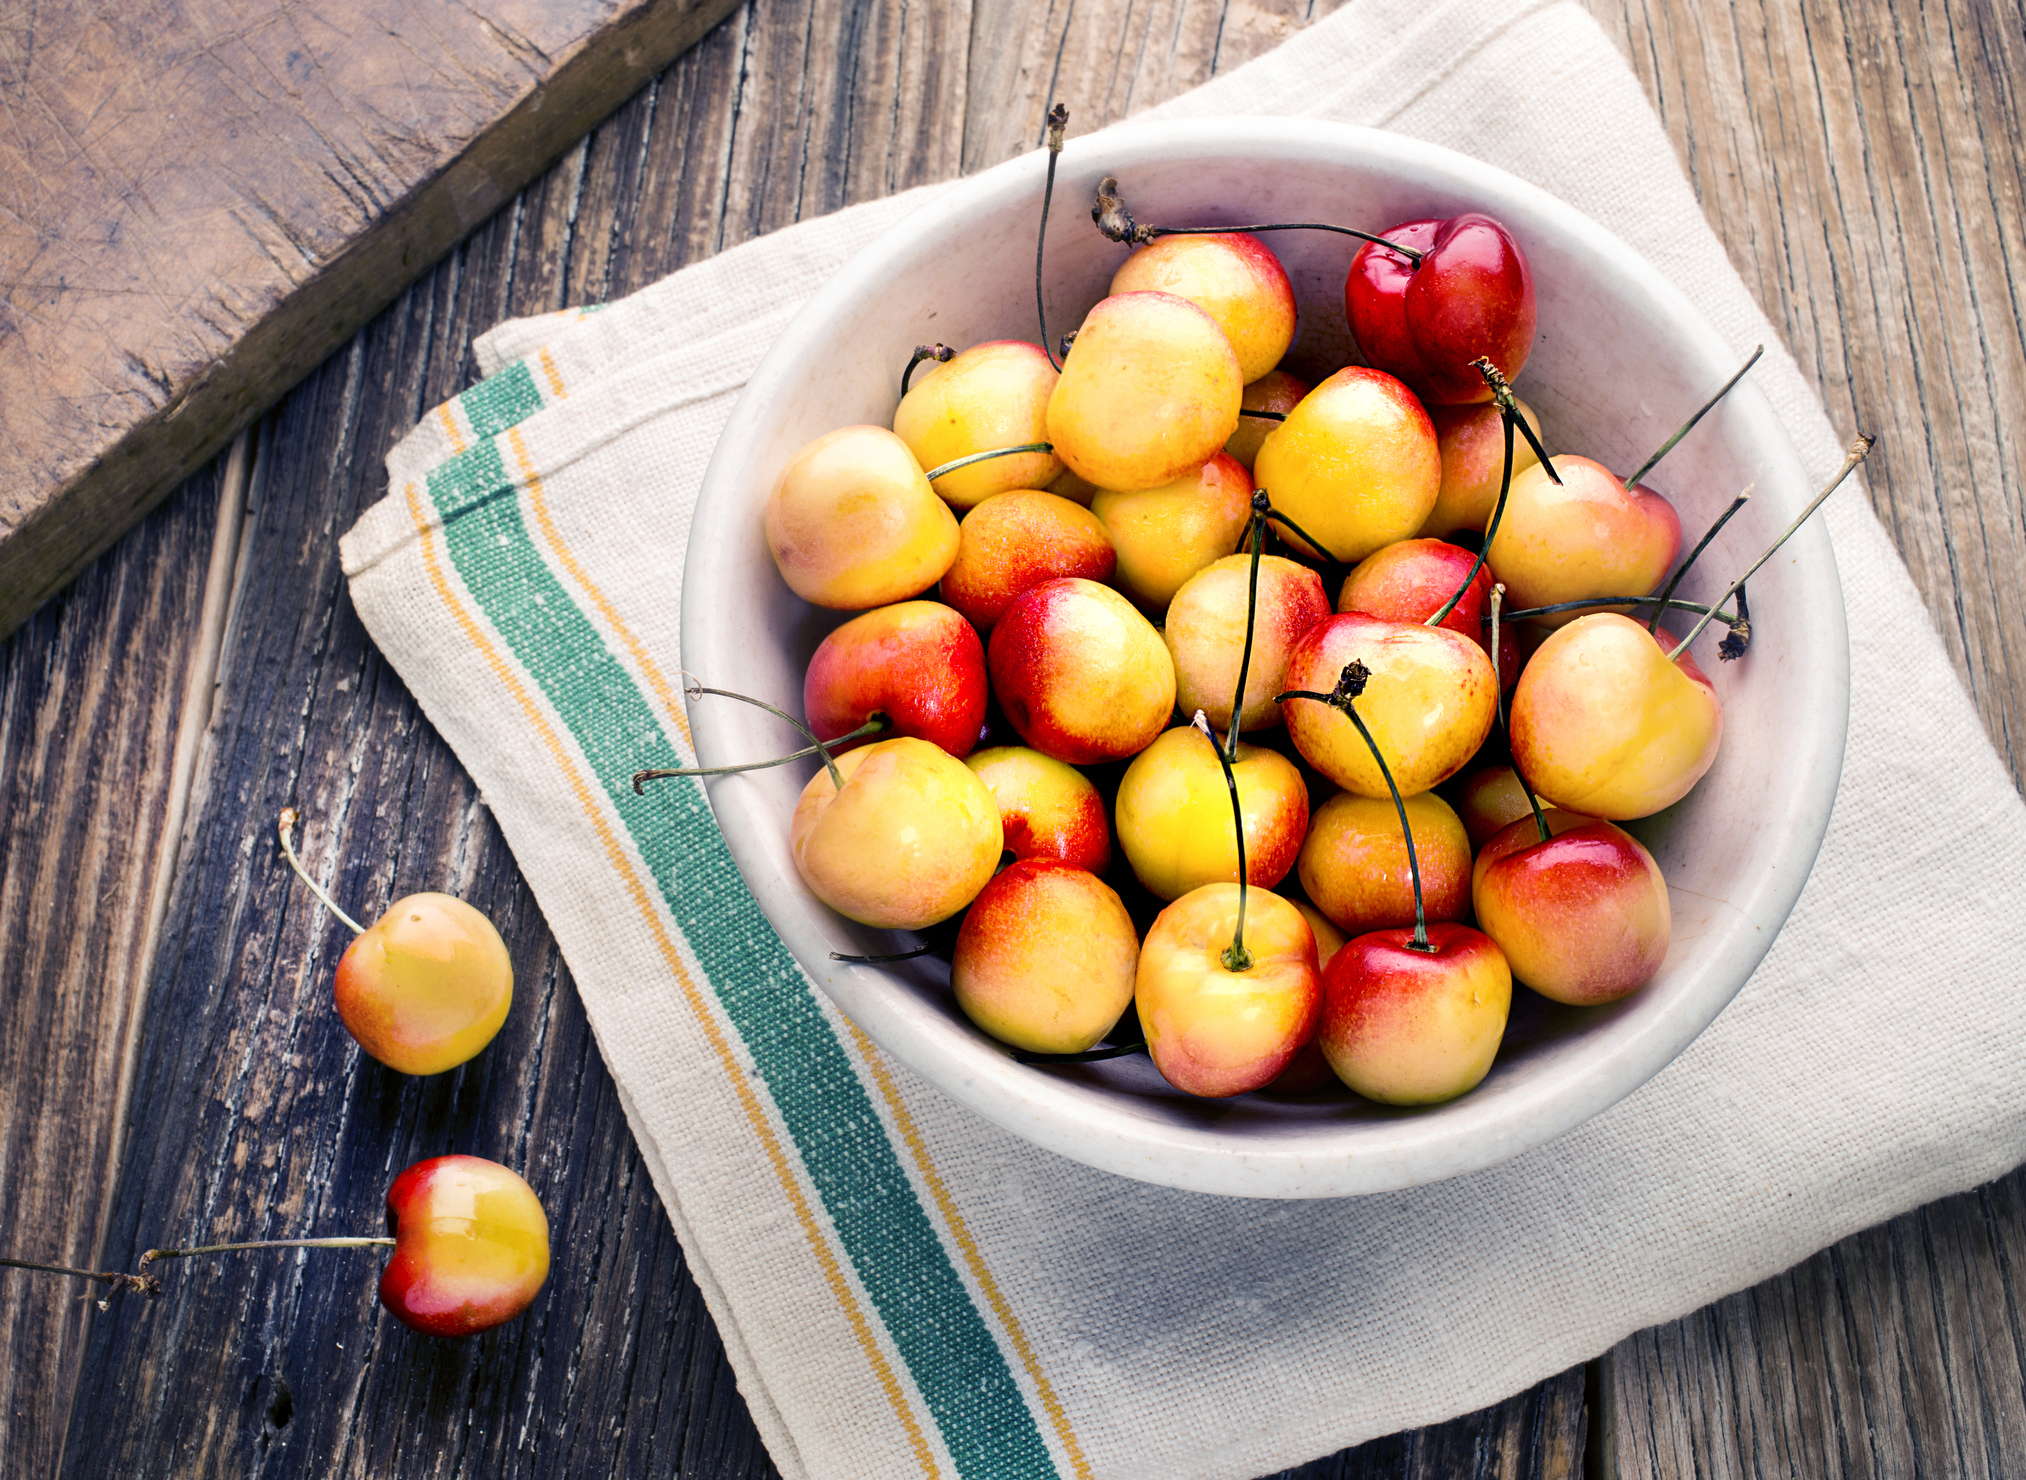 Жёлтая черешня: выбираем сорт с янтарными плодами